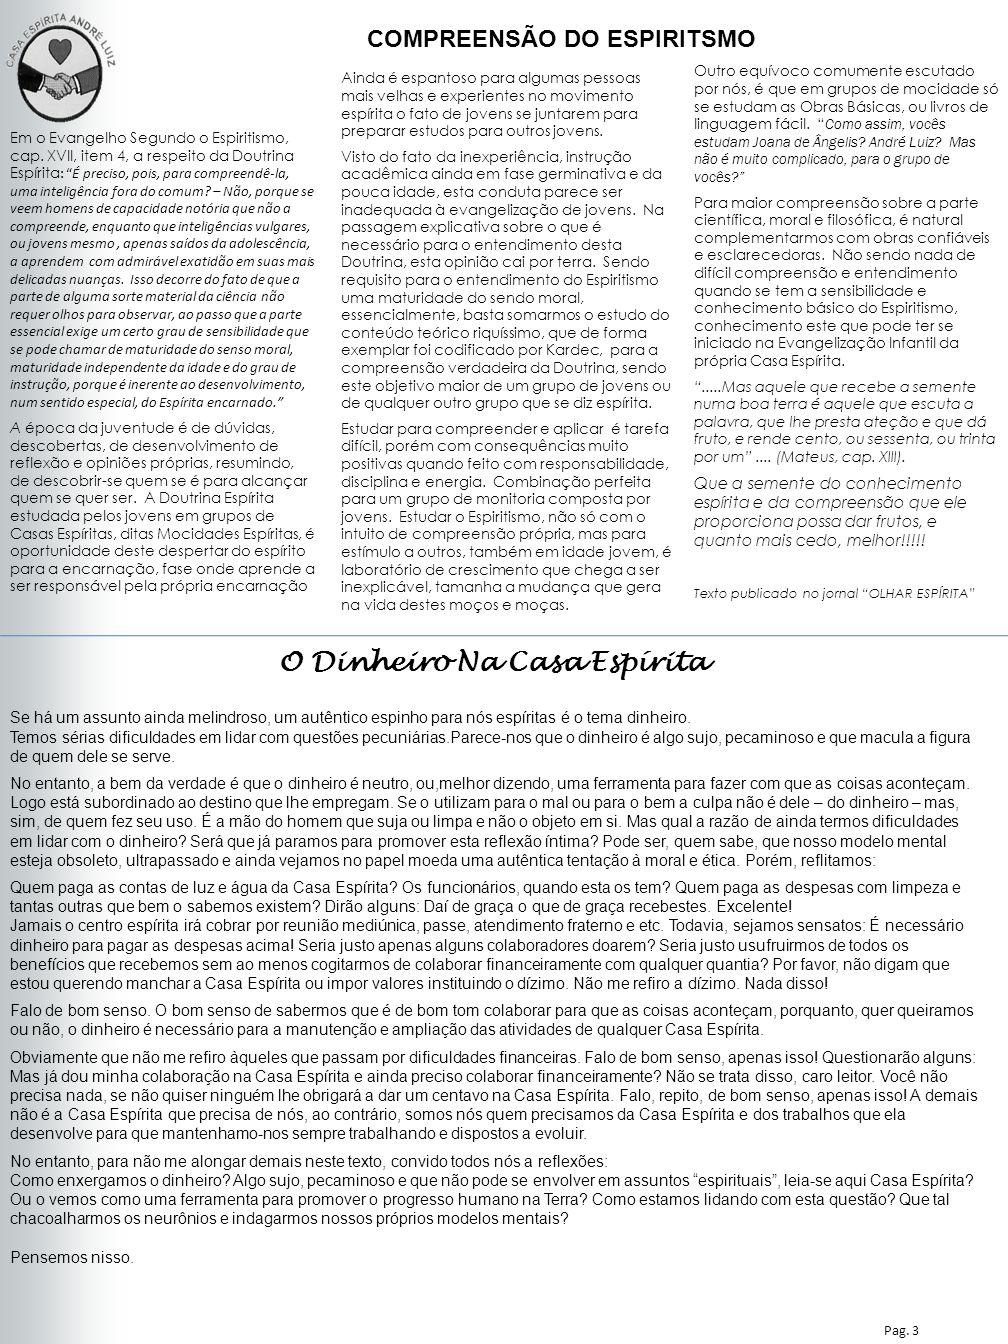 Nesta Edição Pag. 3 COMPREENSÃO DO ESPIRITSMO Em o Evangelho Segundo o Espiritismo, cap. XVII, item 4, a respeito da Doutrina Espírita : É preciso, po